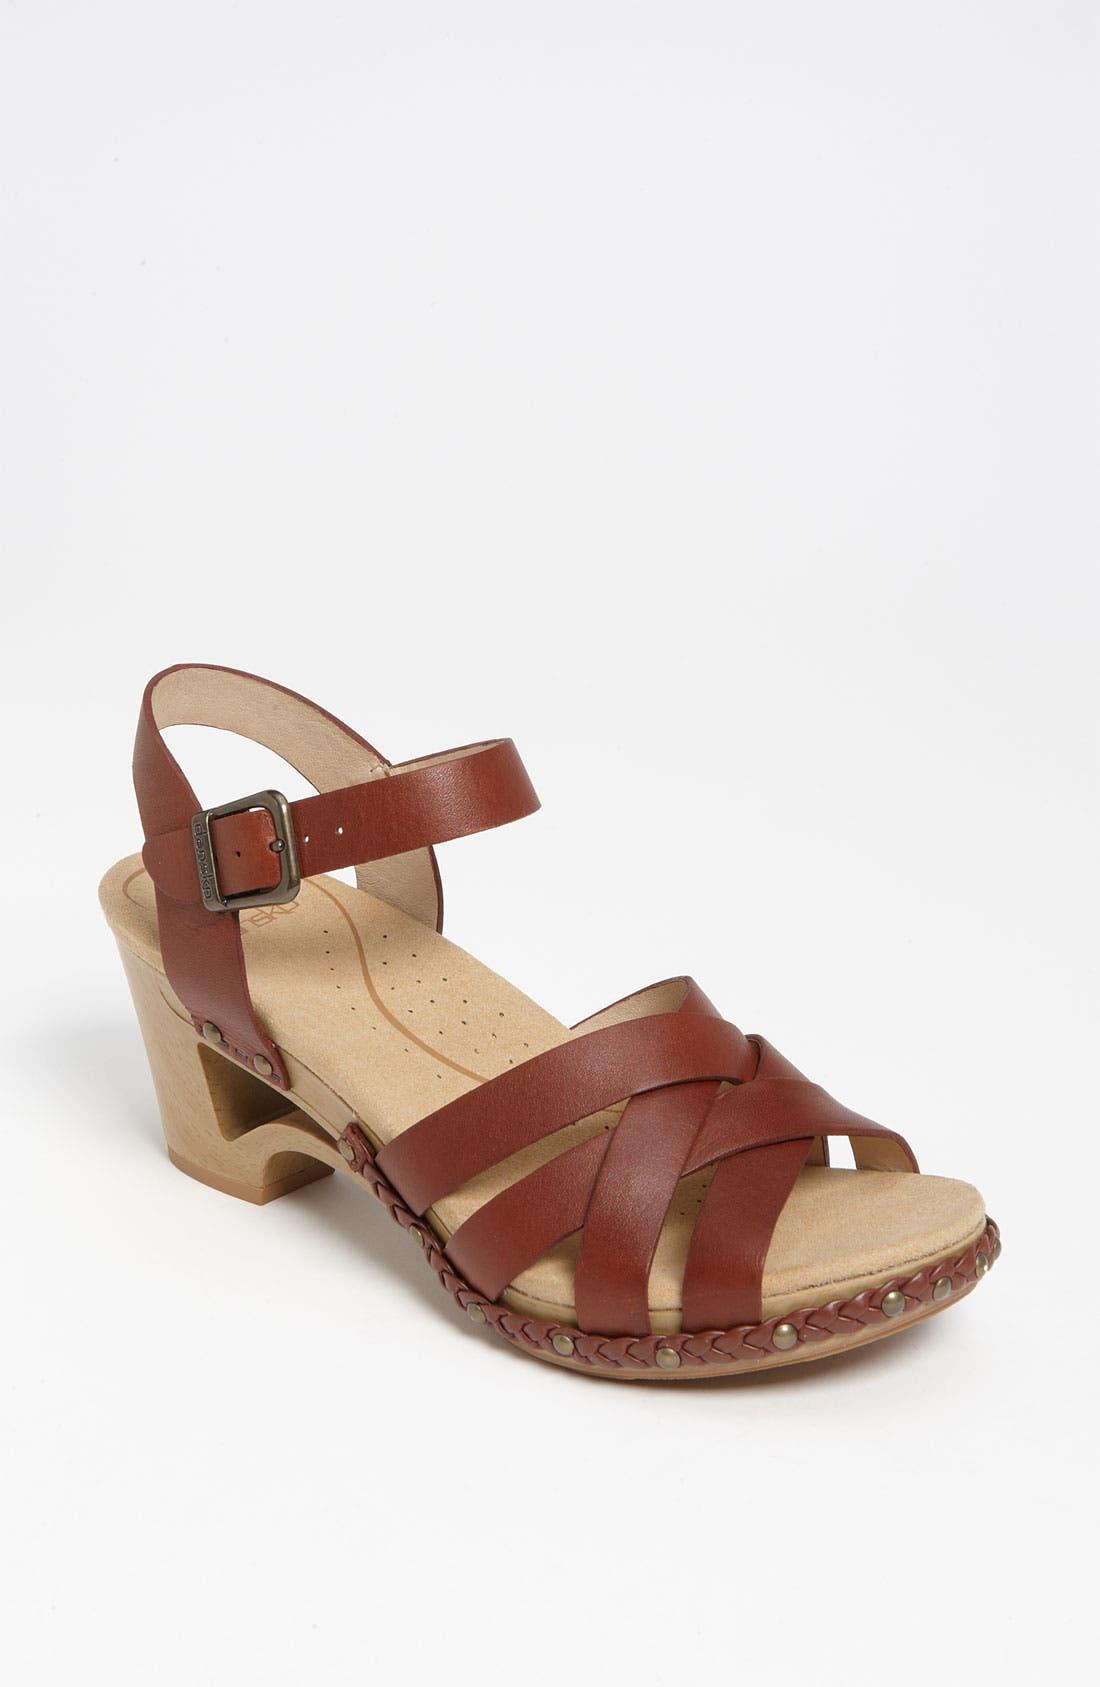 Main Image - Dansko 'Tru Clog' Sandal